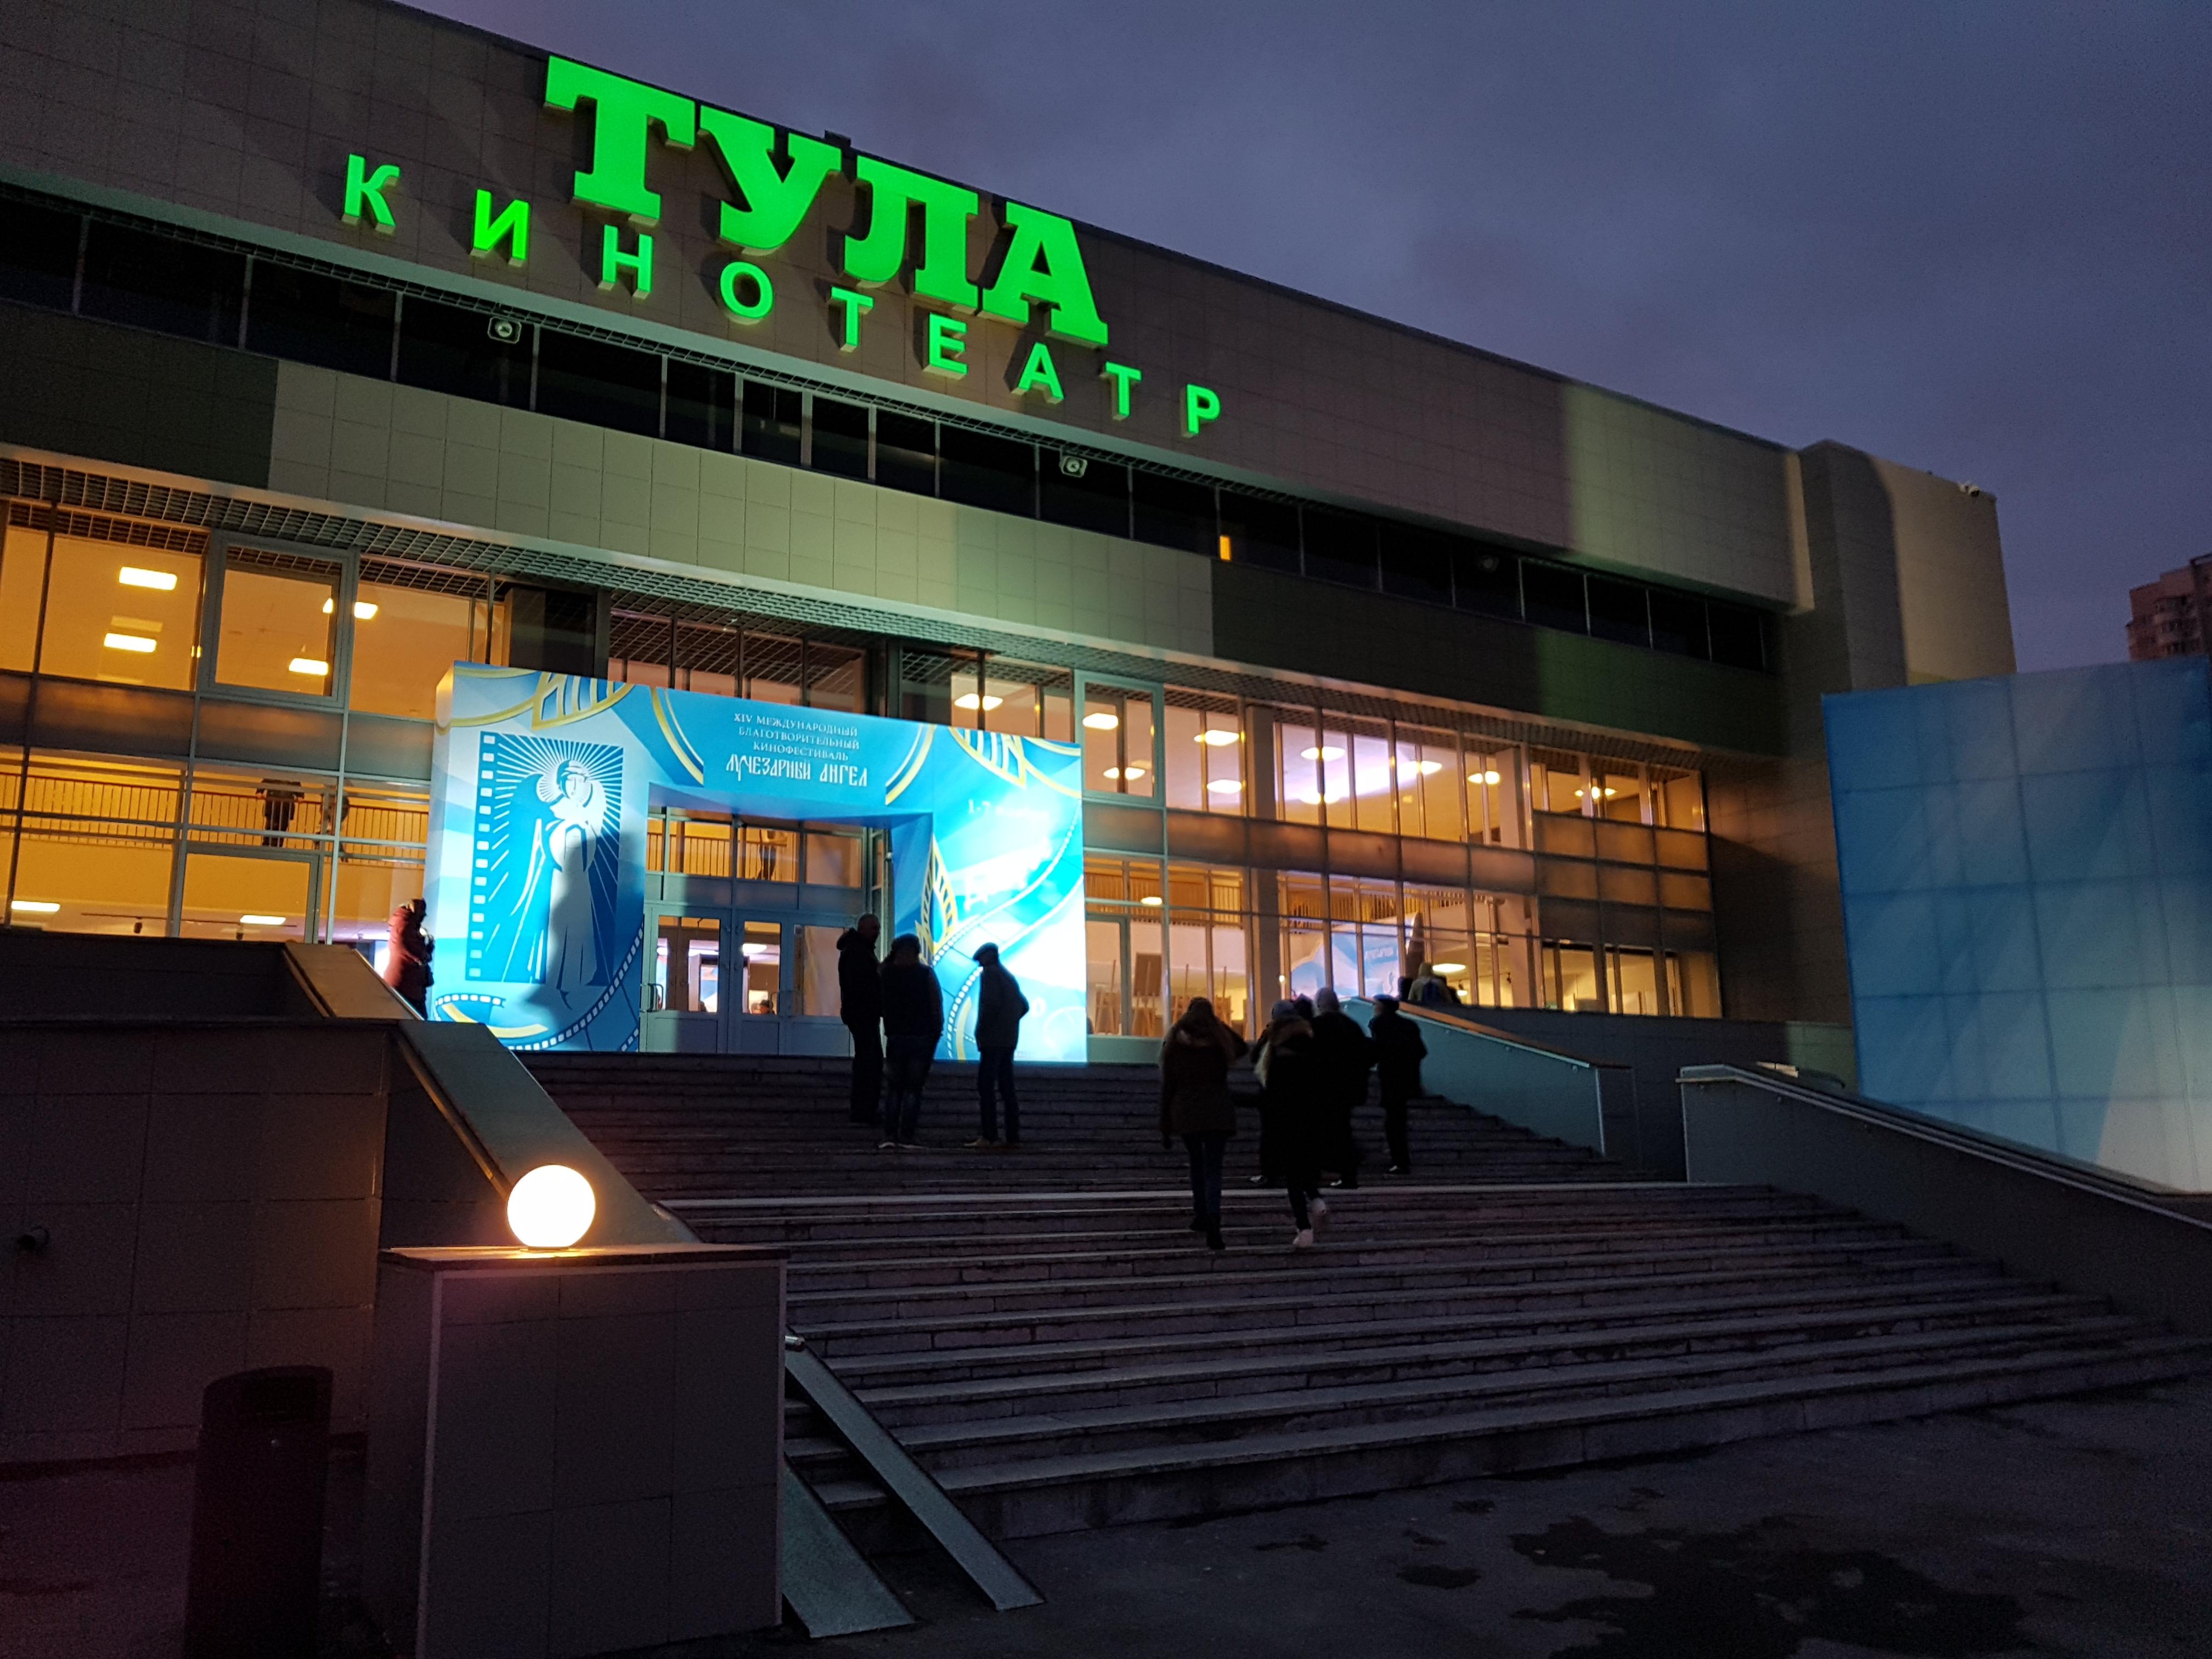 """Фонарь (слева) перед входом в кинотеатр """"Тула"""". (01 ноября 2017 года) Фото: Рустам Билялов"""